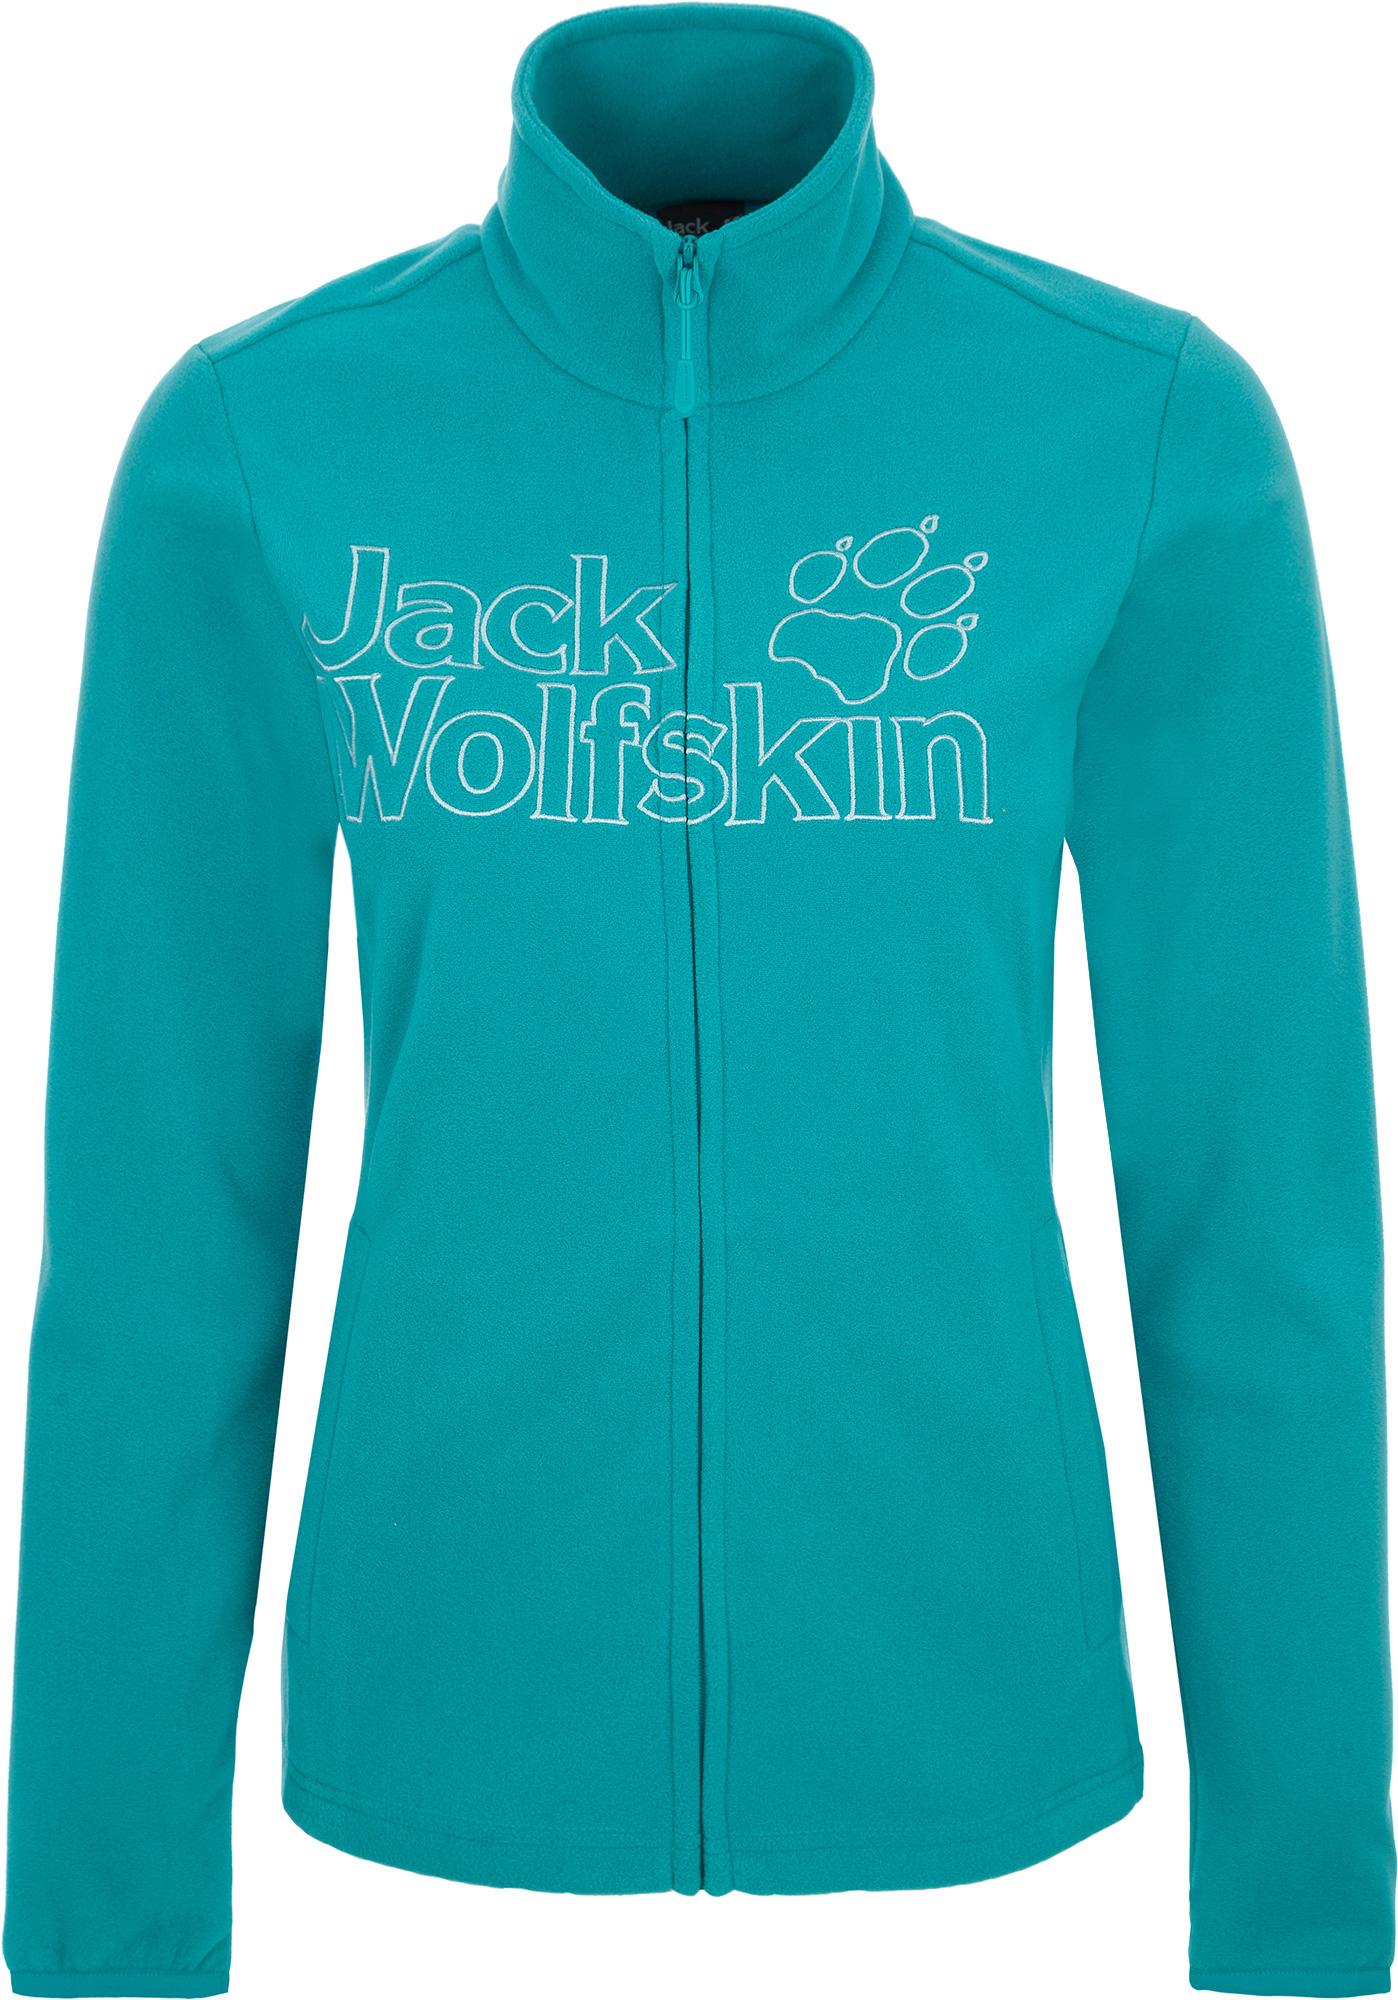 Jack Wolfskin Джемпер флисовый женский JACK WOLFSKIN Zero Waste, размер 42